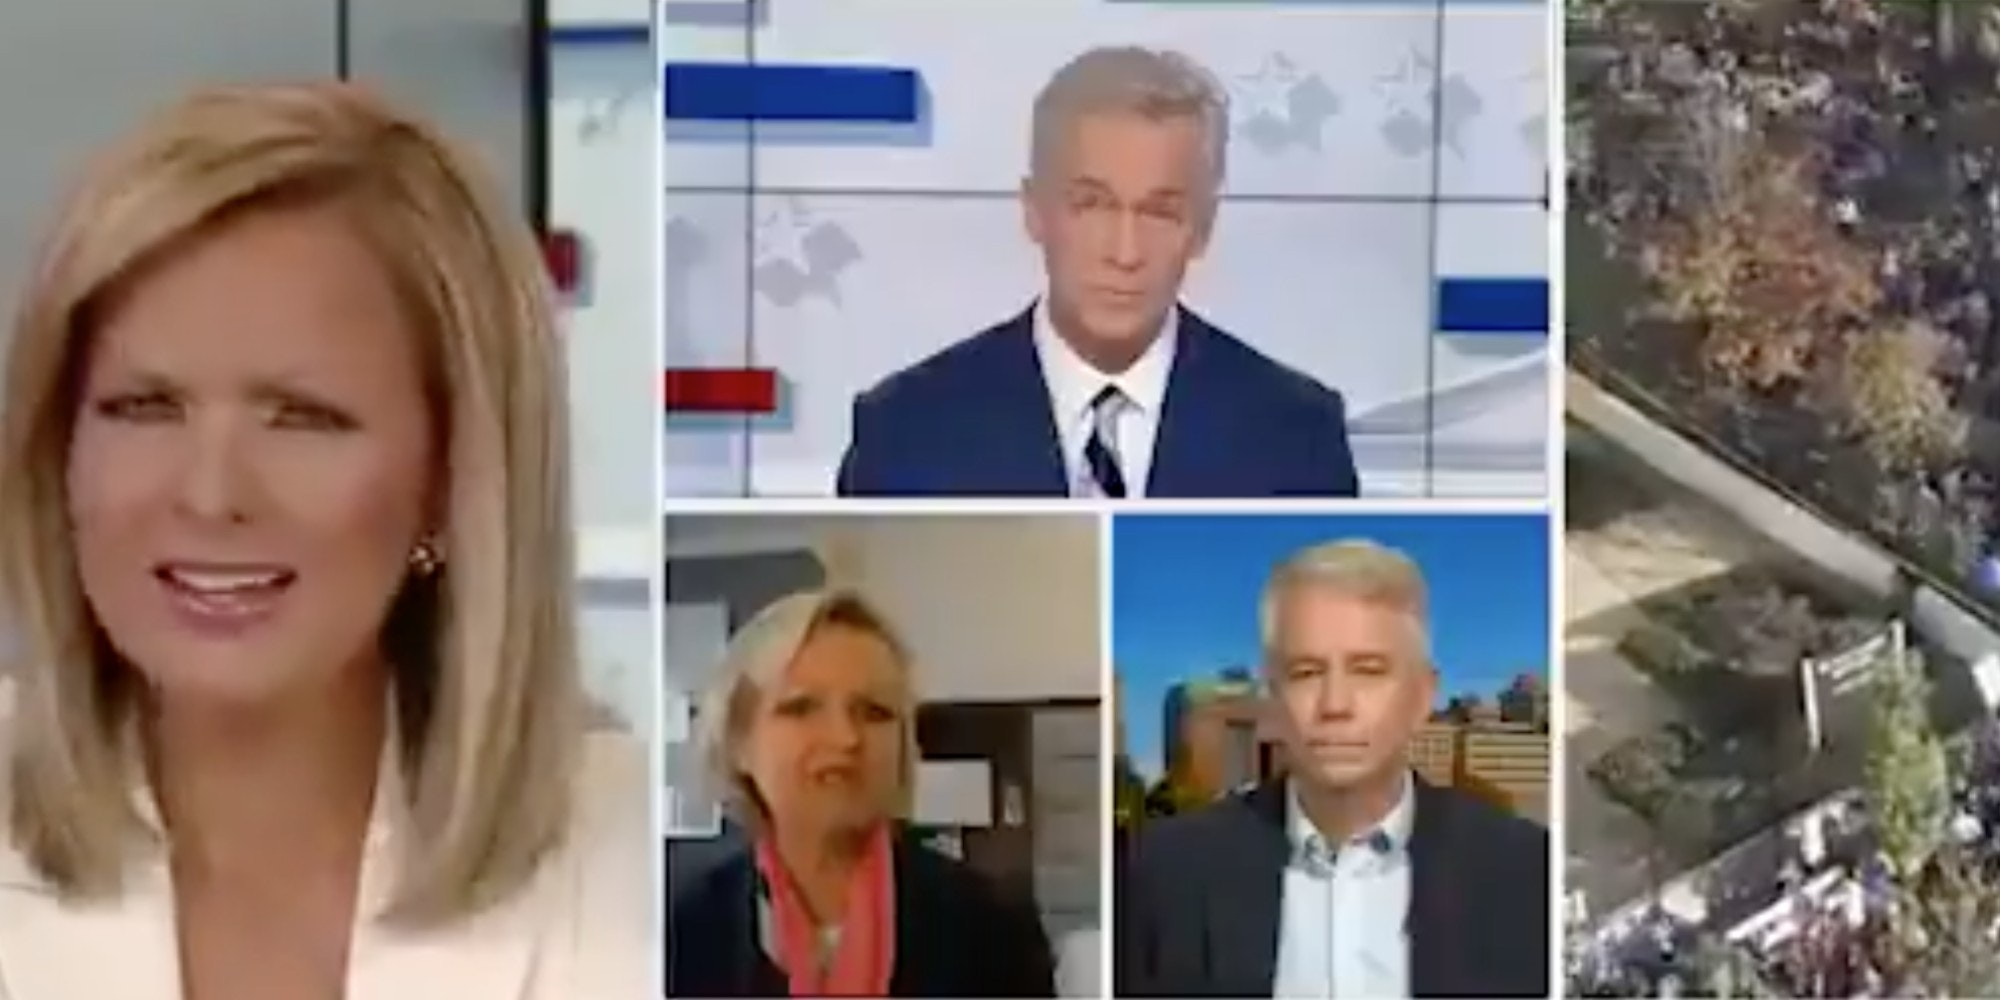 Several Fox News anchors and pundits